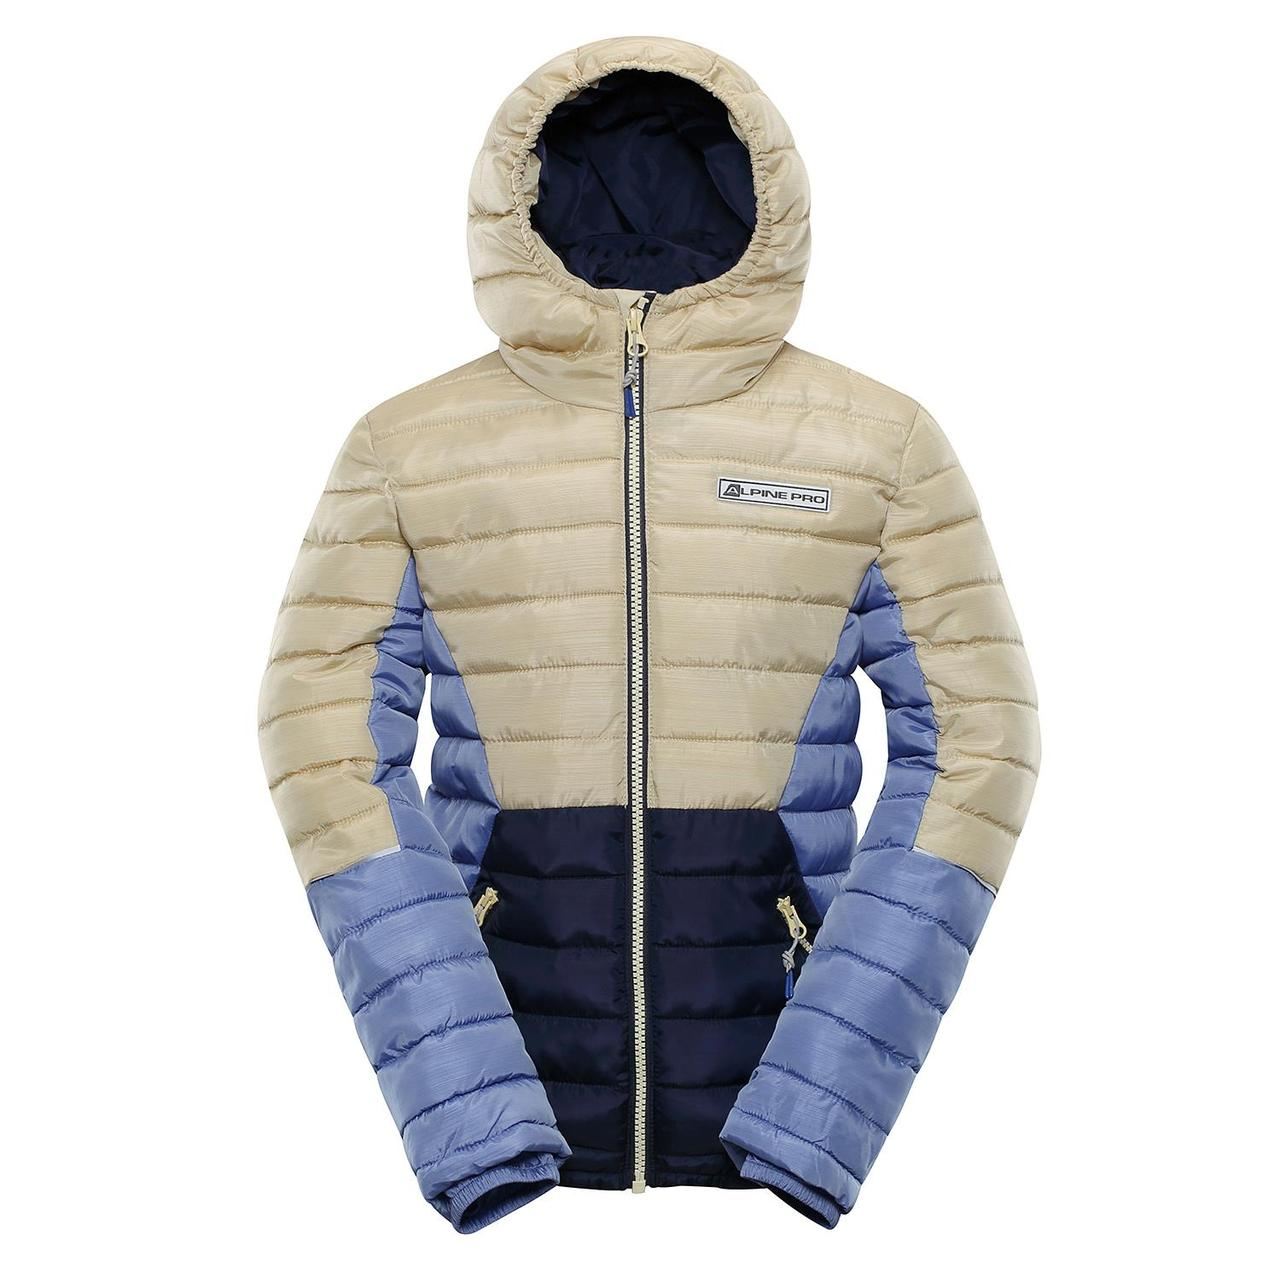 Куртка BARROKO 140-146, бежевый - фото 1